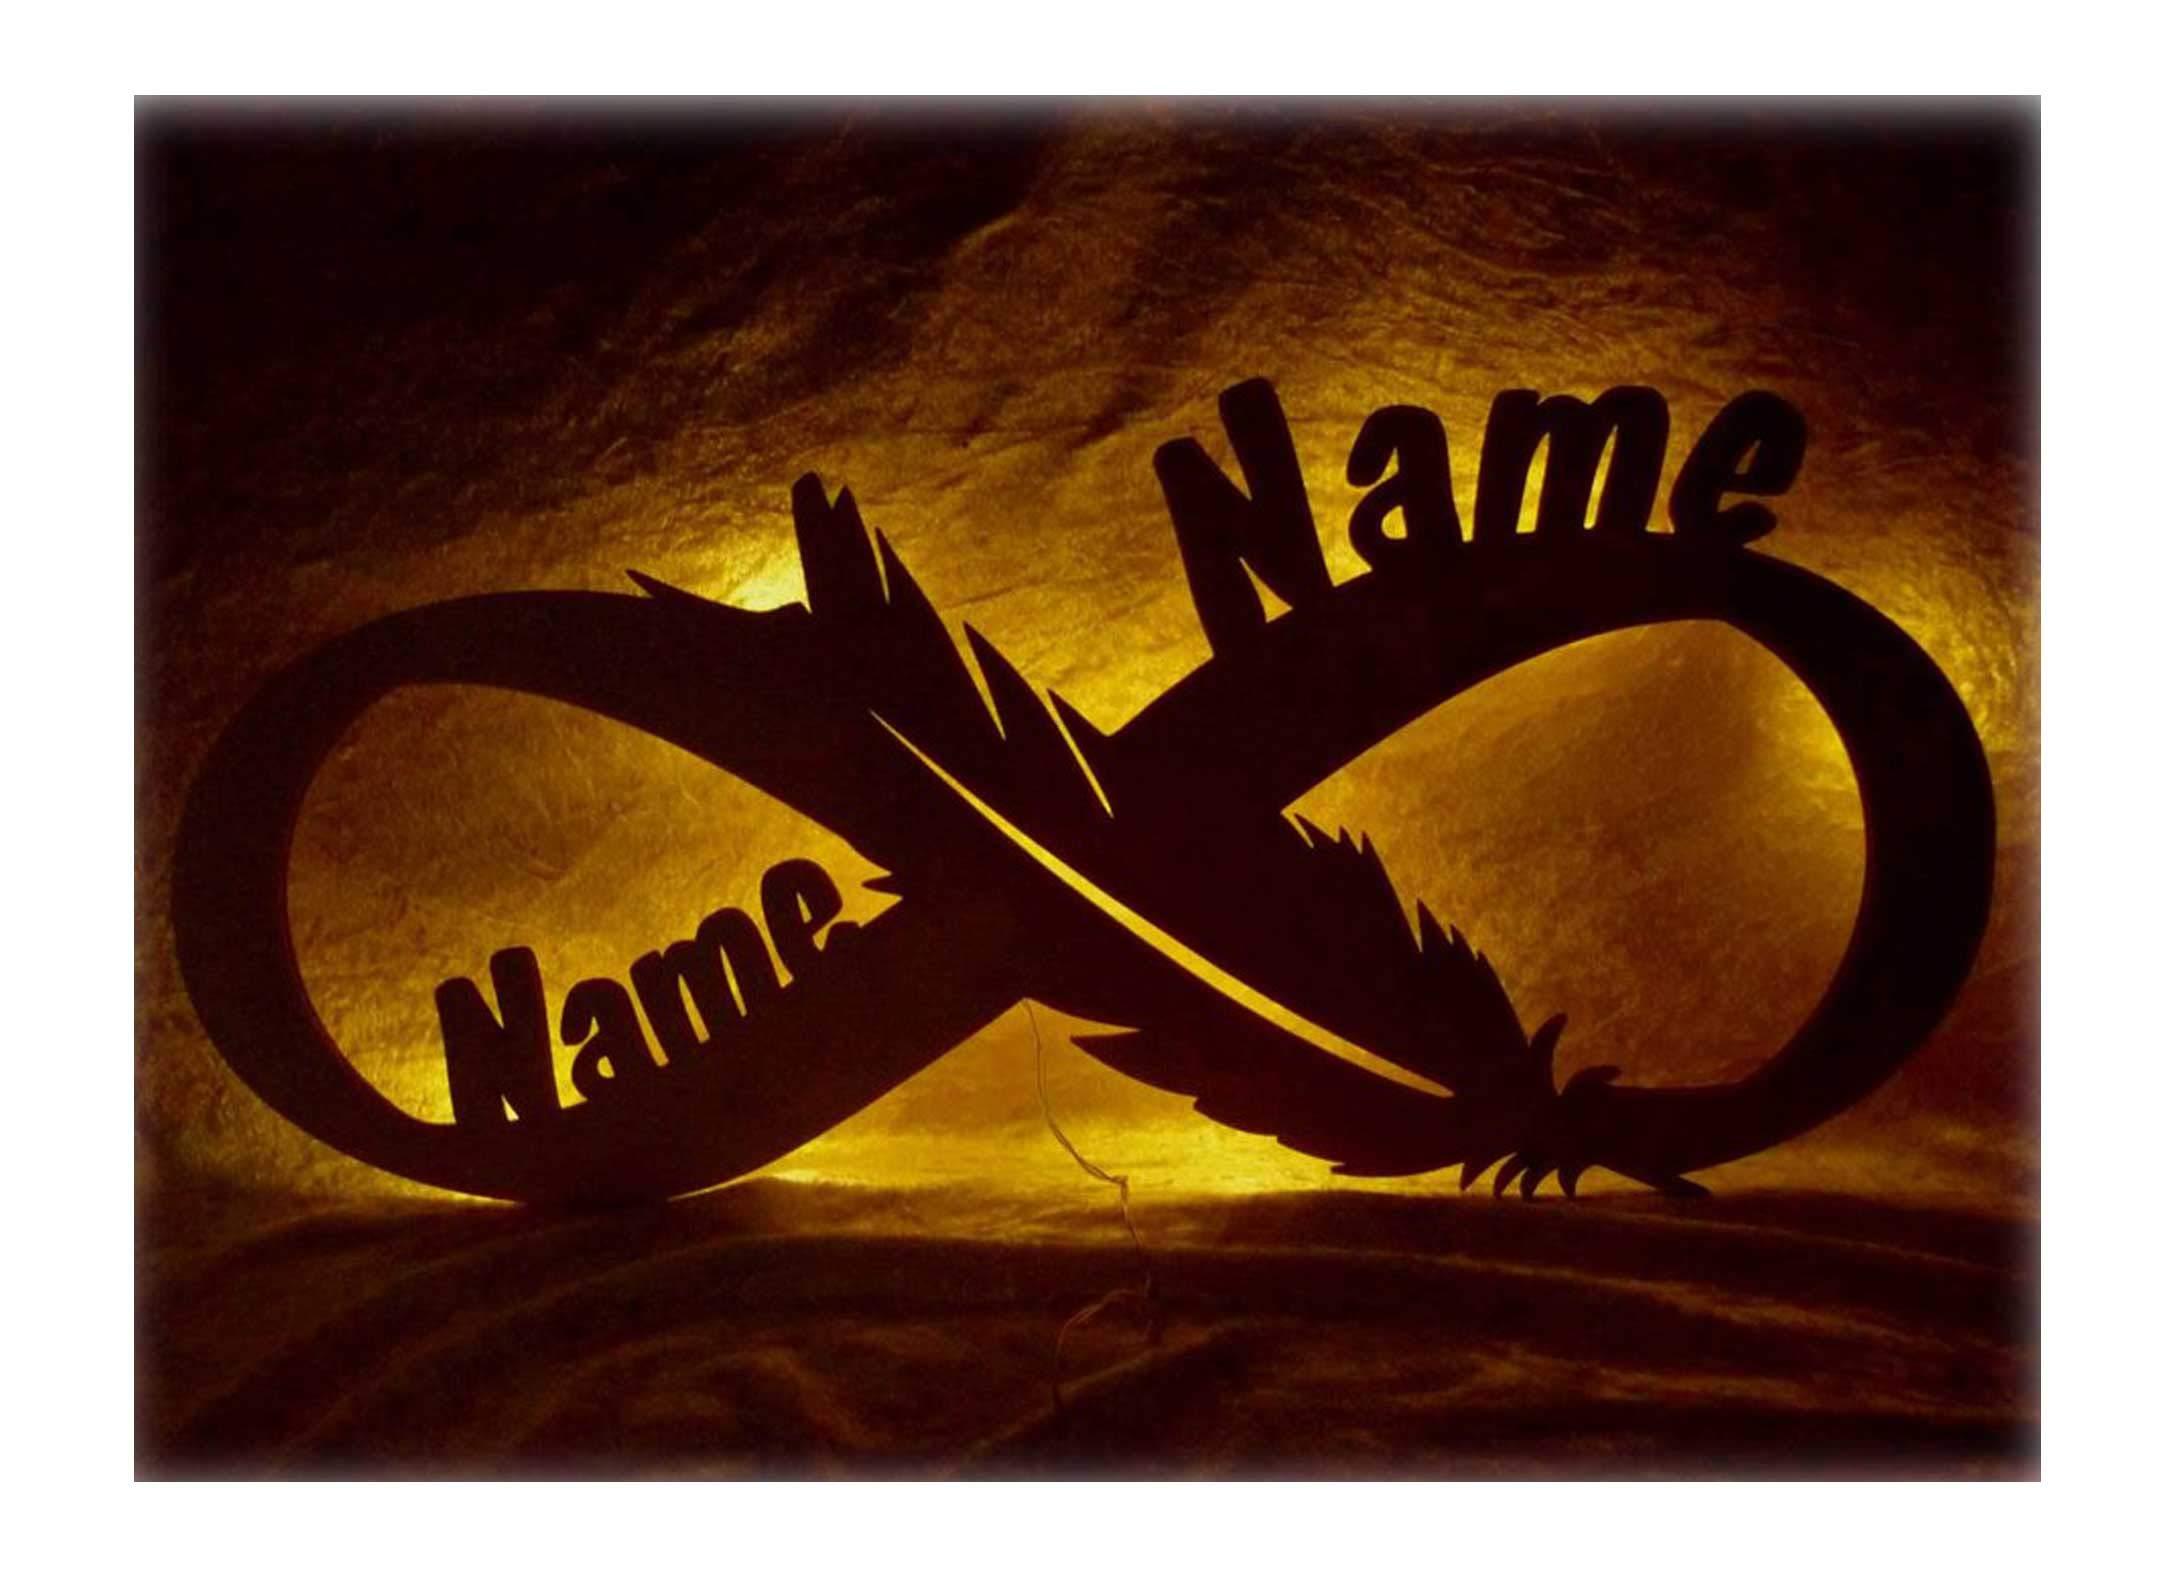 Deko Lampe Ich liebe Dich Unendlich Geschenk Geschenke zur Hochzeit Verlobung Geburtstagsgeschenk für Sie Ihn Paare Brautpaar die Freundin Freund Partner Mann Männer Frauen zum Geburtstag originell ausgefallen personalisiert 13